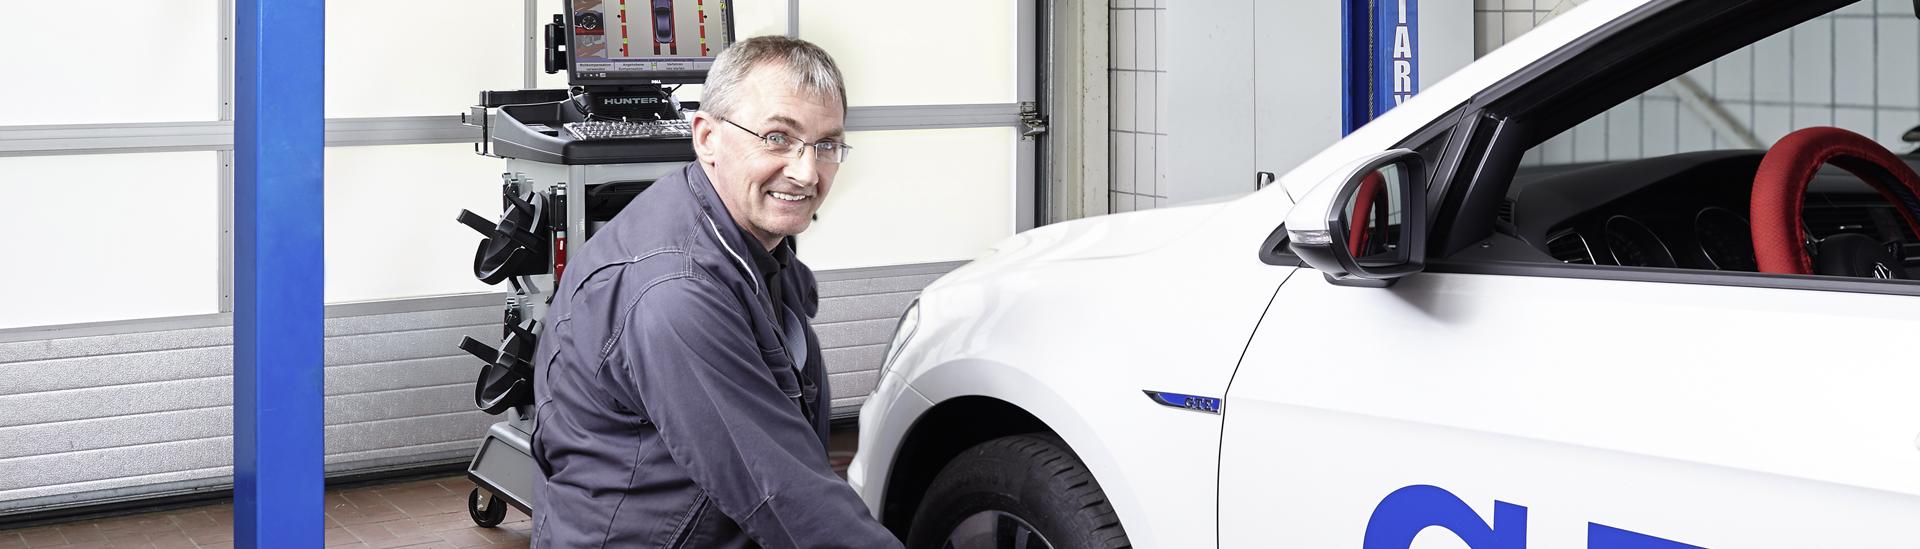 Autohaus_Steinhoff4285_Website